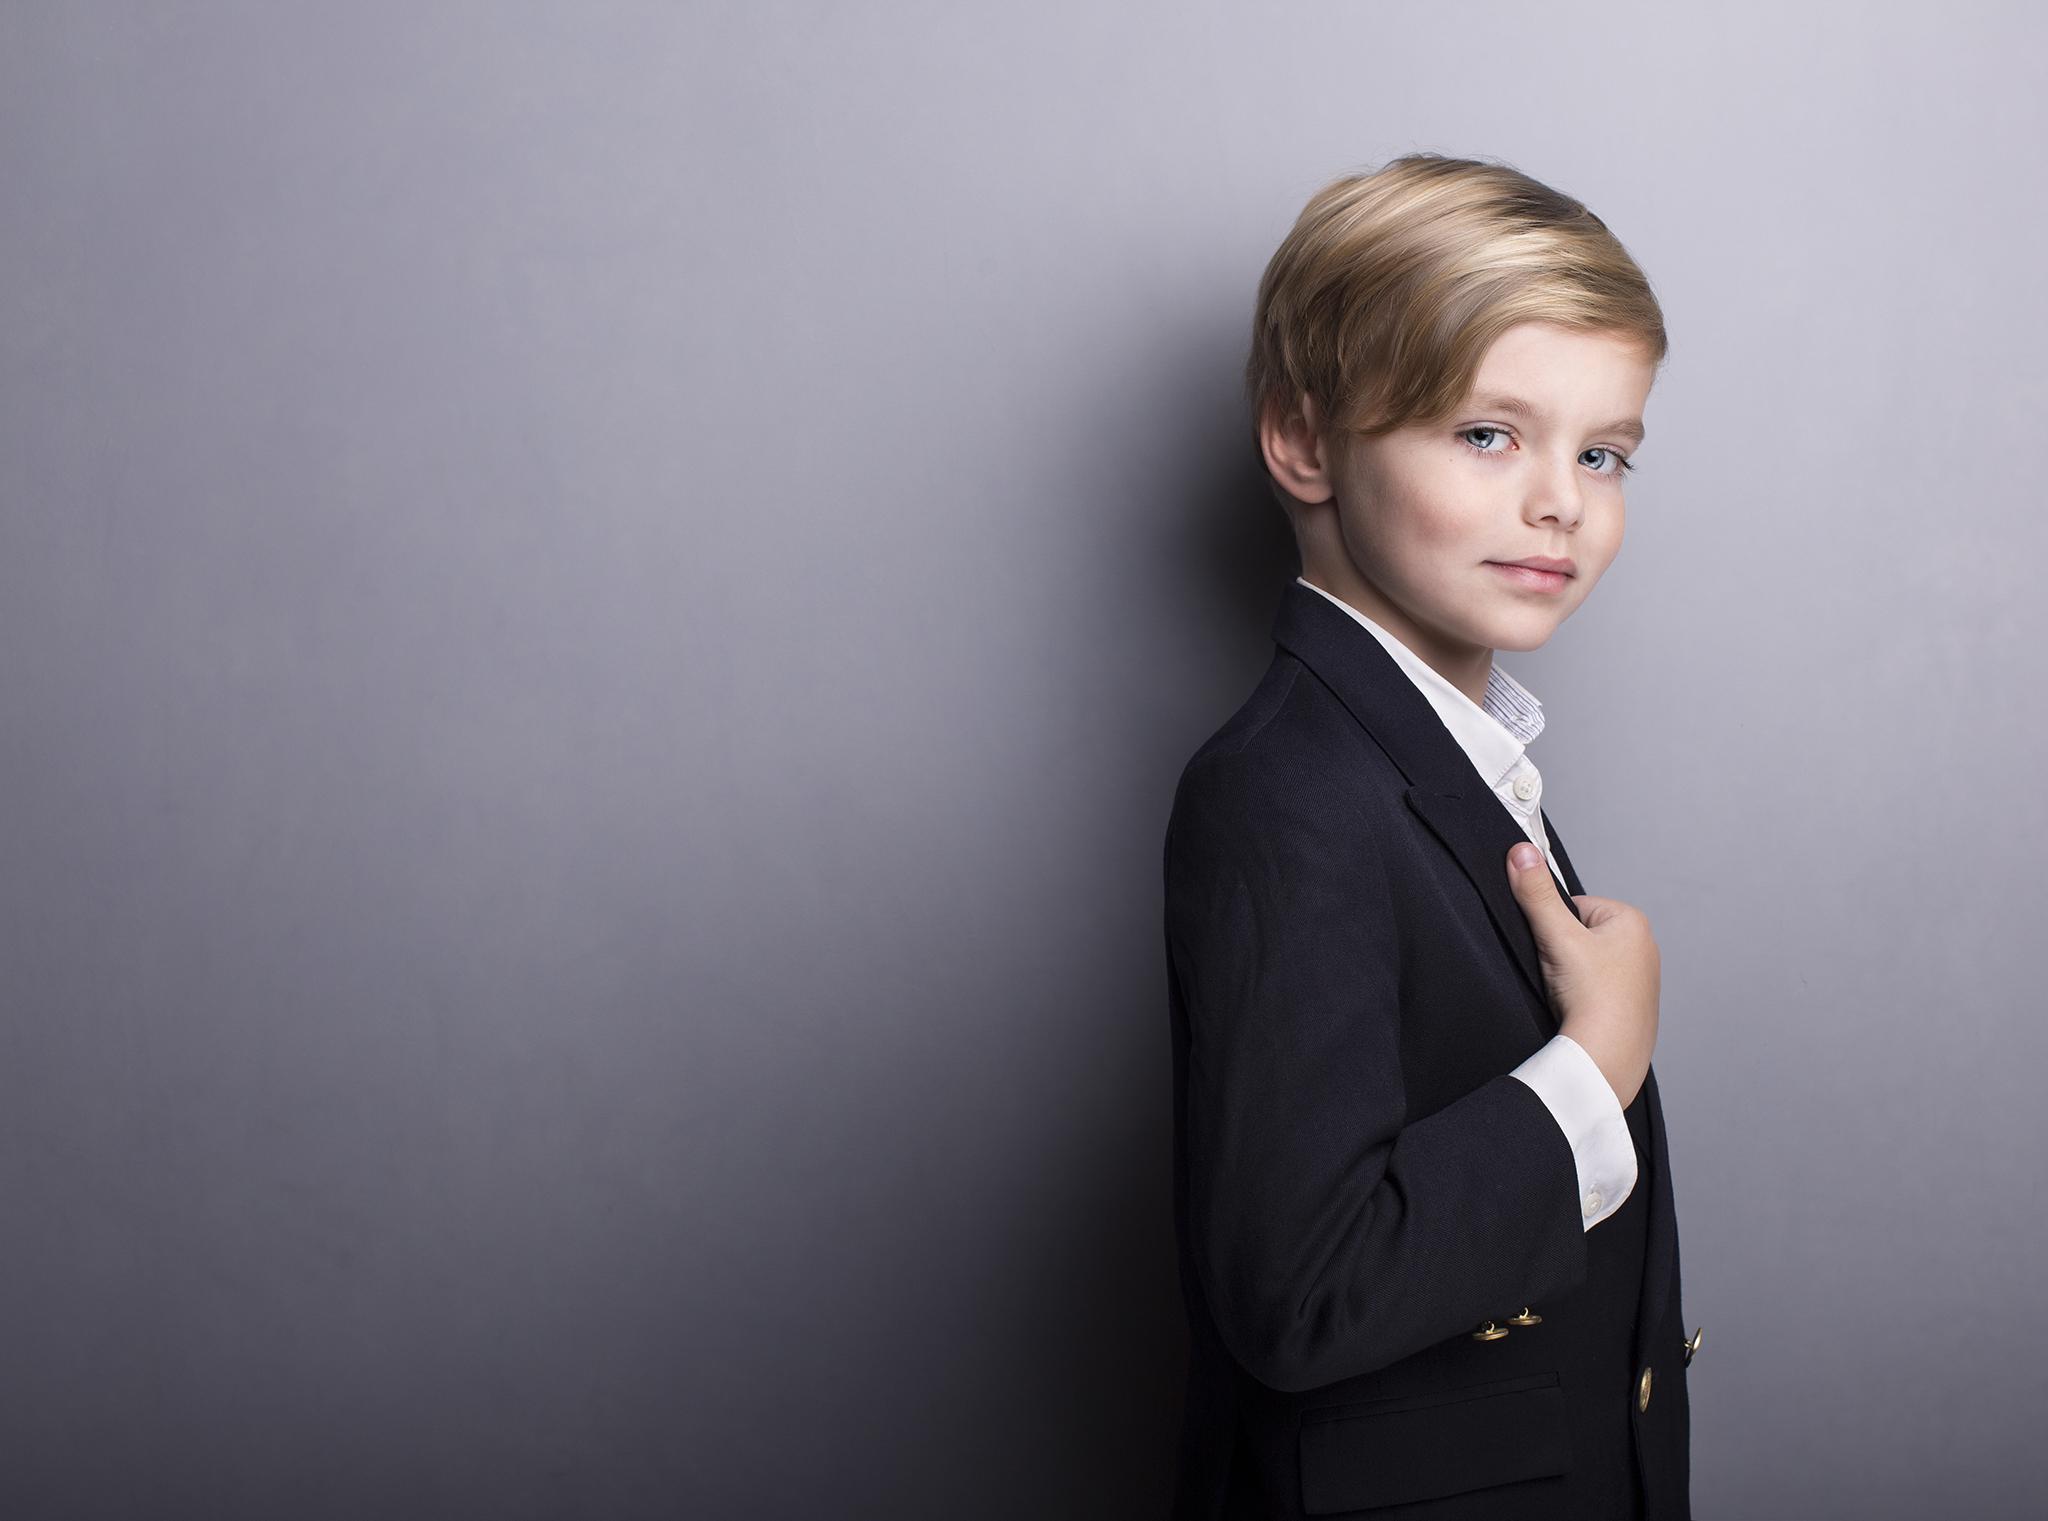 Elizabethg_fineart_portrait_photography_will_kidslondon_001.jpg